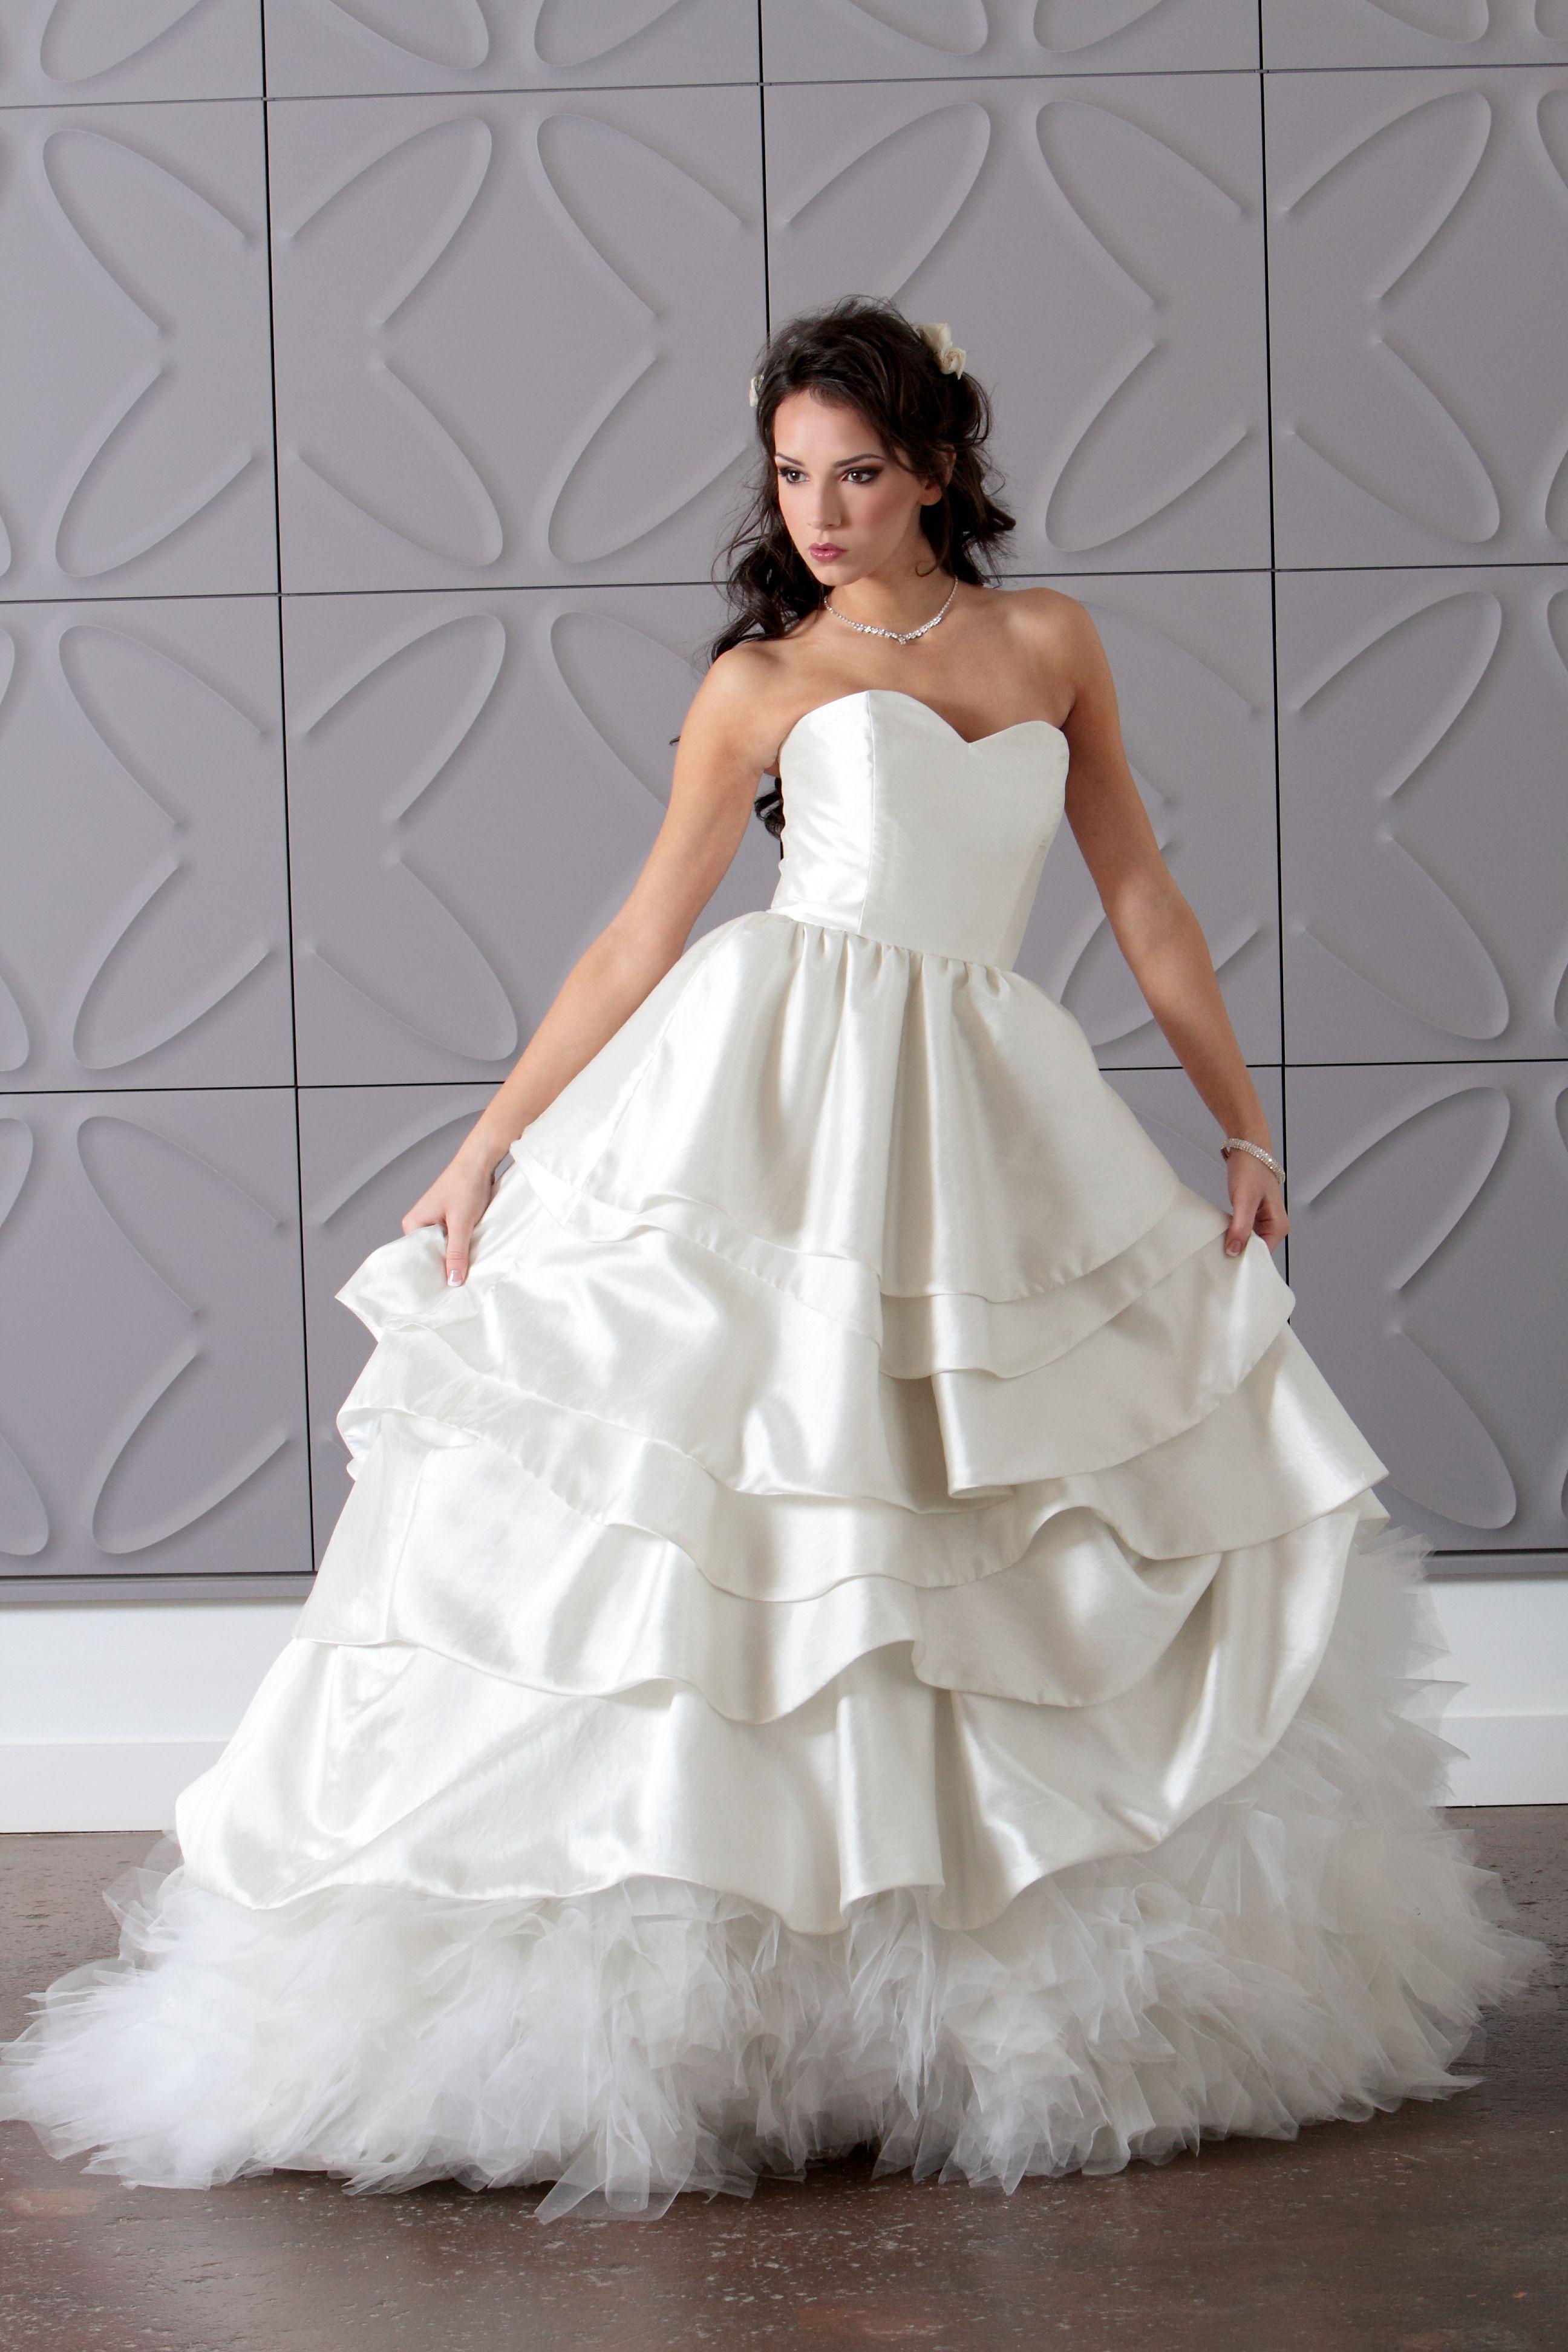 A detachable bridal gown each layer is detachable